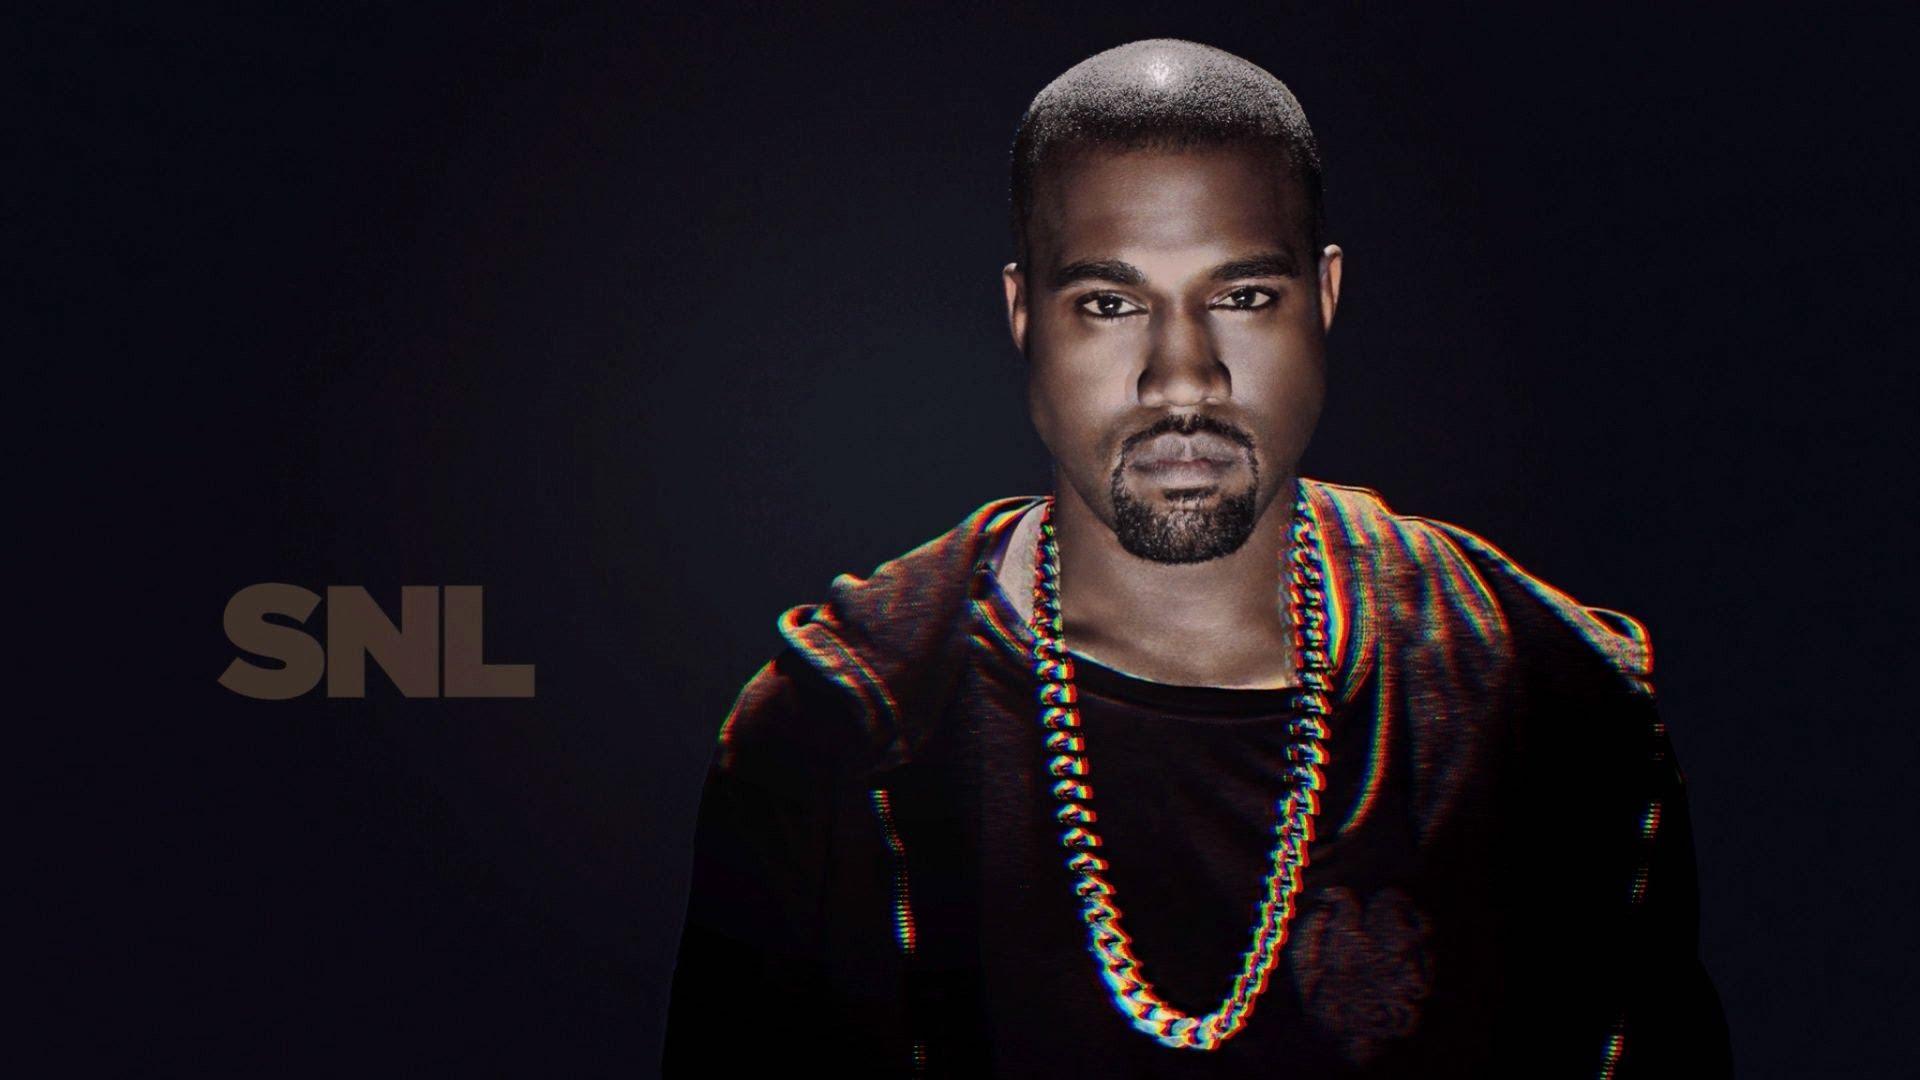 Kanye West - New Slaves (Live on SNL) - Duration: 3 minutes.